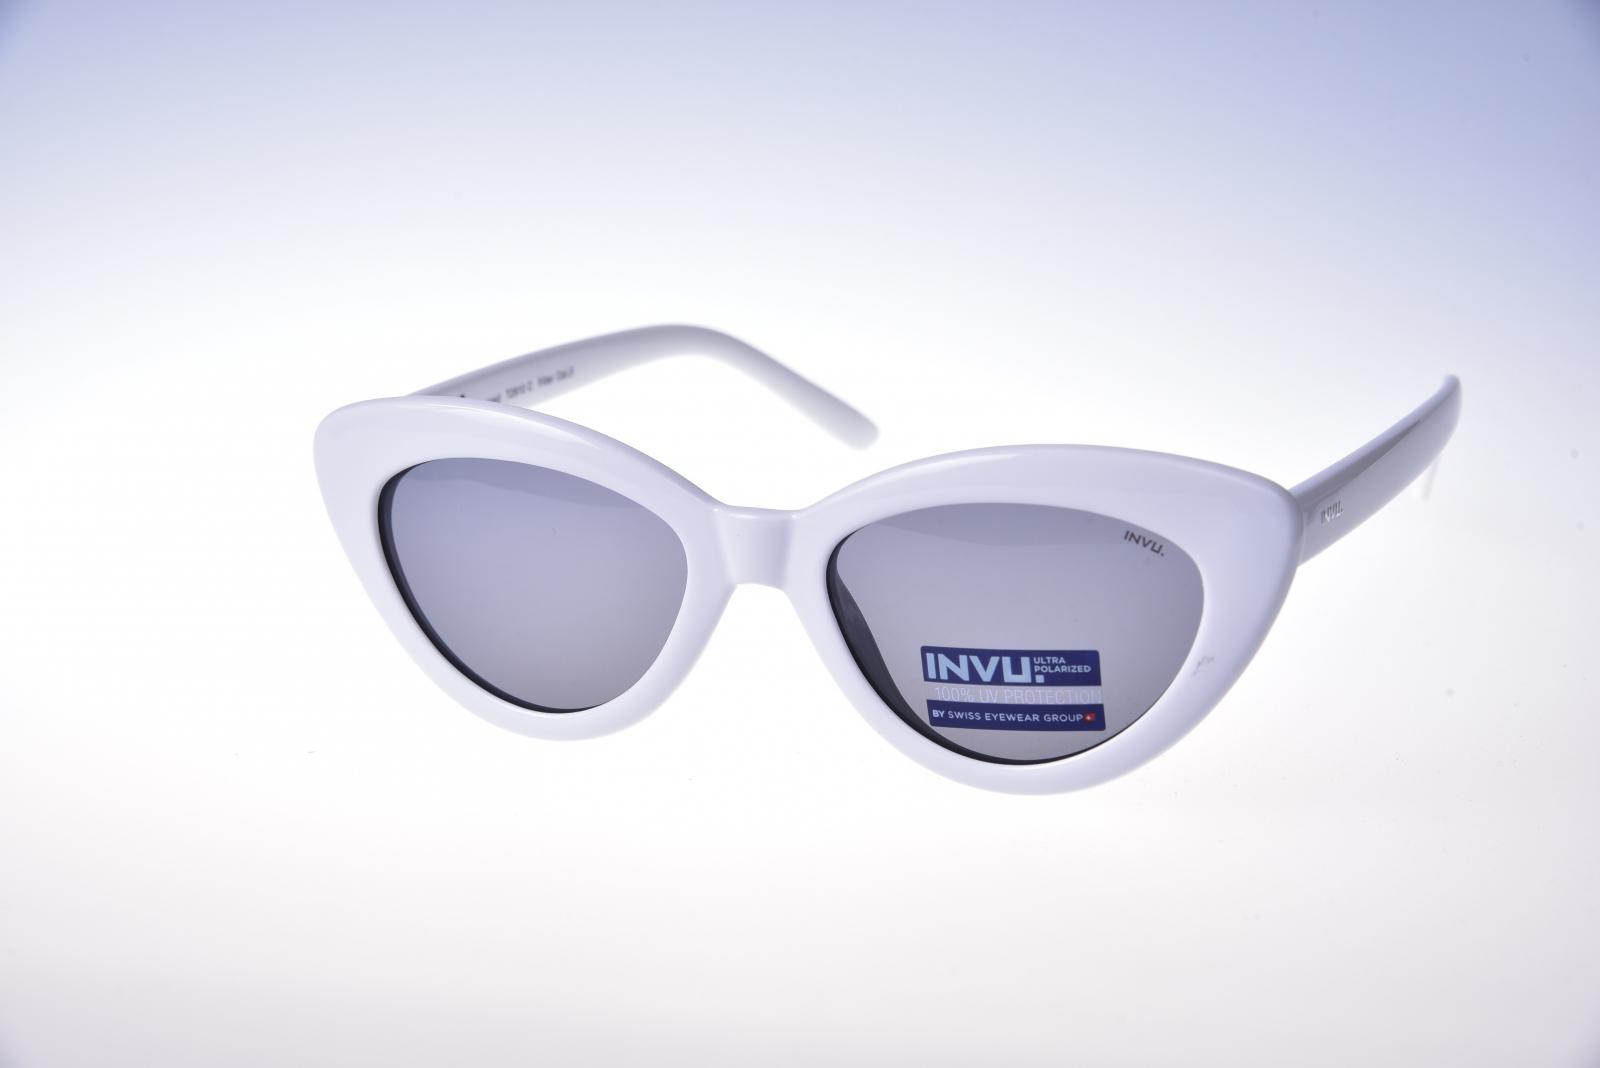 3b7df2ec4 INVU. Trend T2910C - Dámske, pánske a detské slnečné okuliare ...